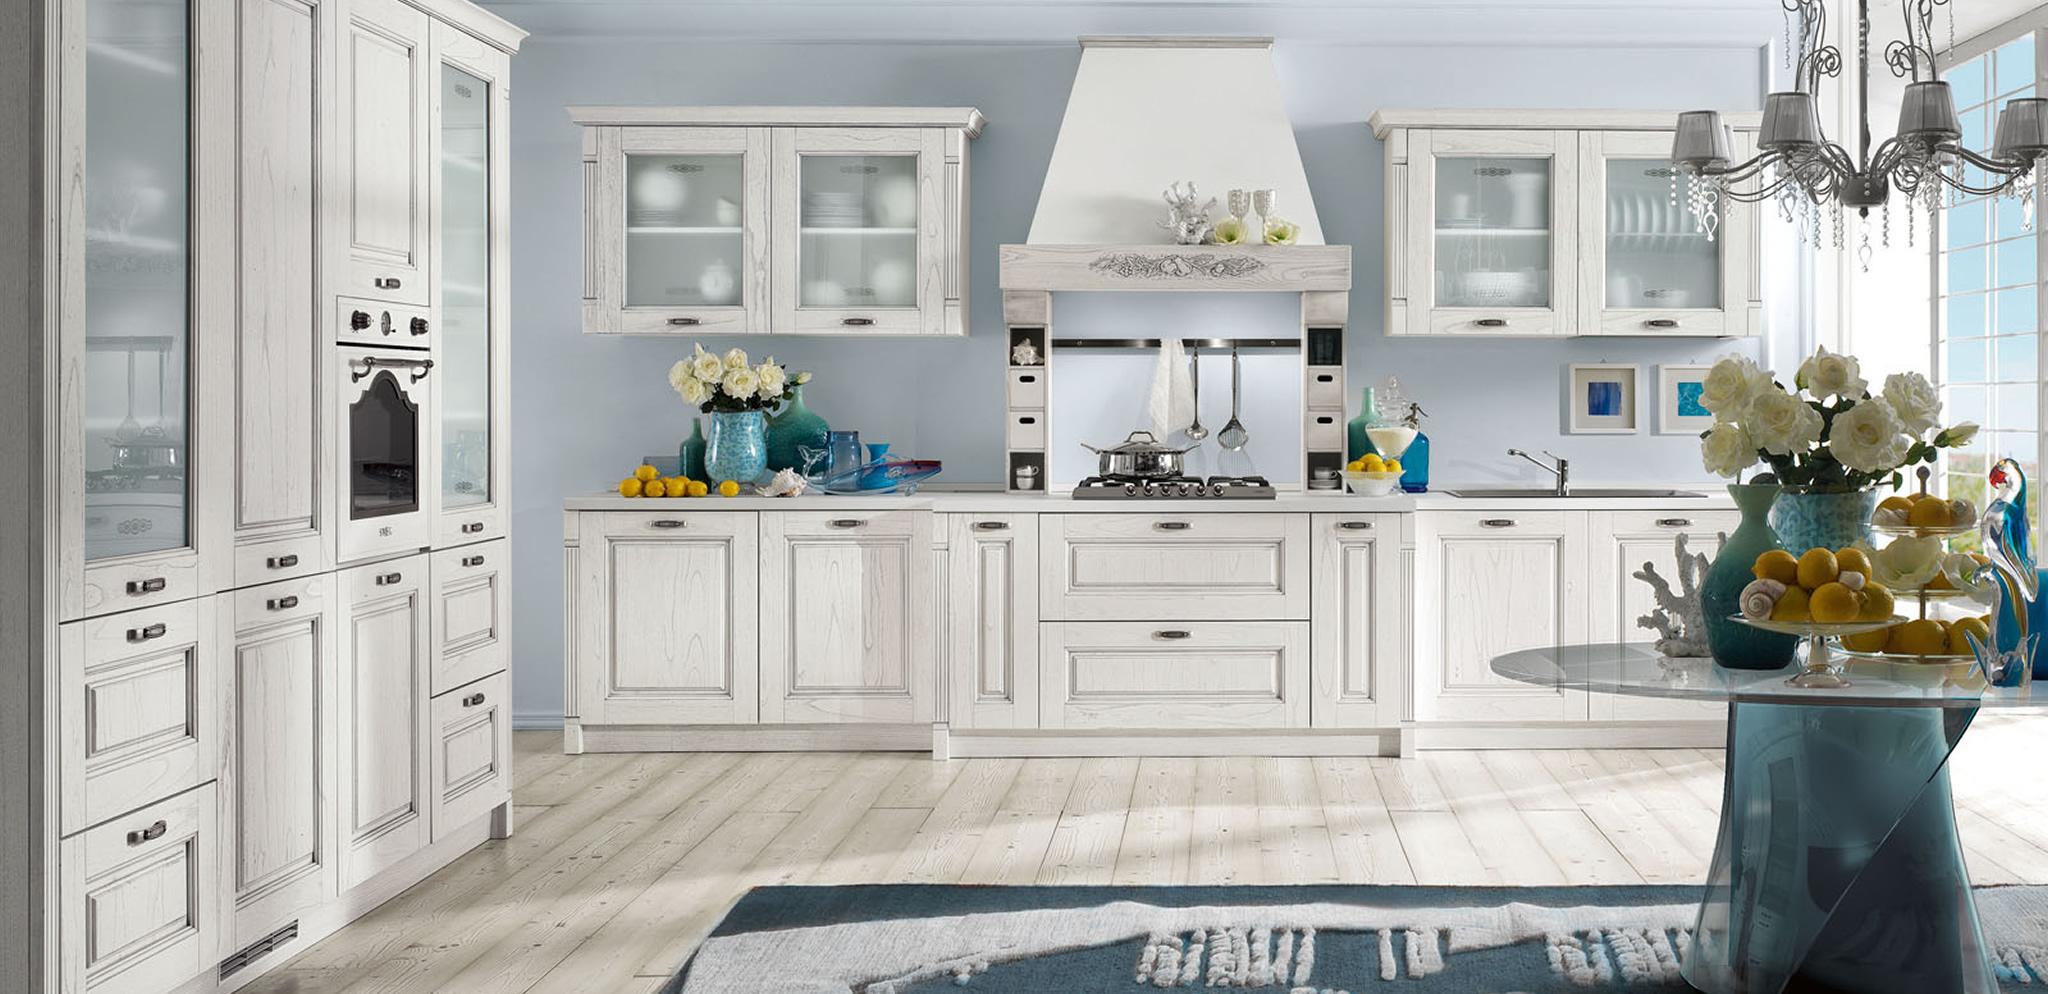 Modele cuisine bois ceruse tout sur la cuisine et le mobilier cuisine - Cuisine blanc ceruse ...